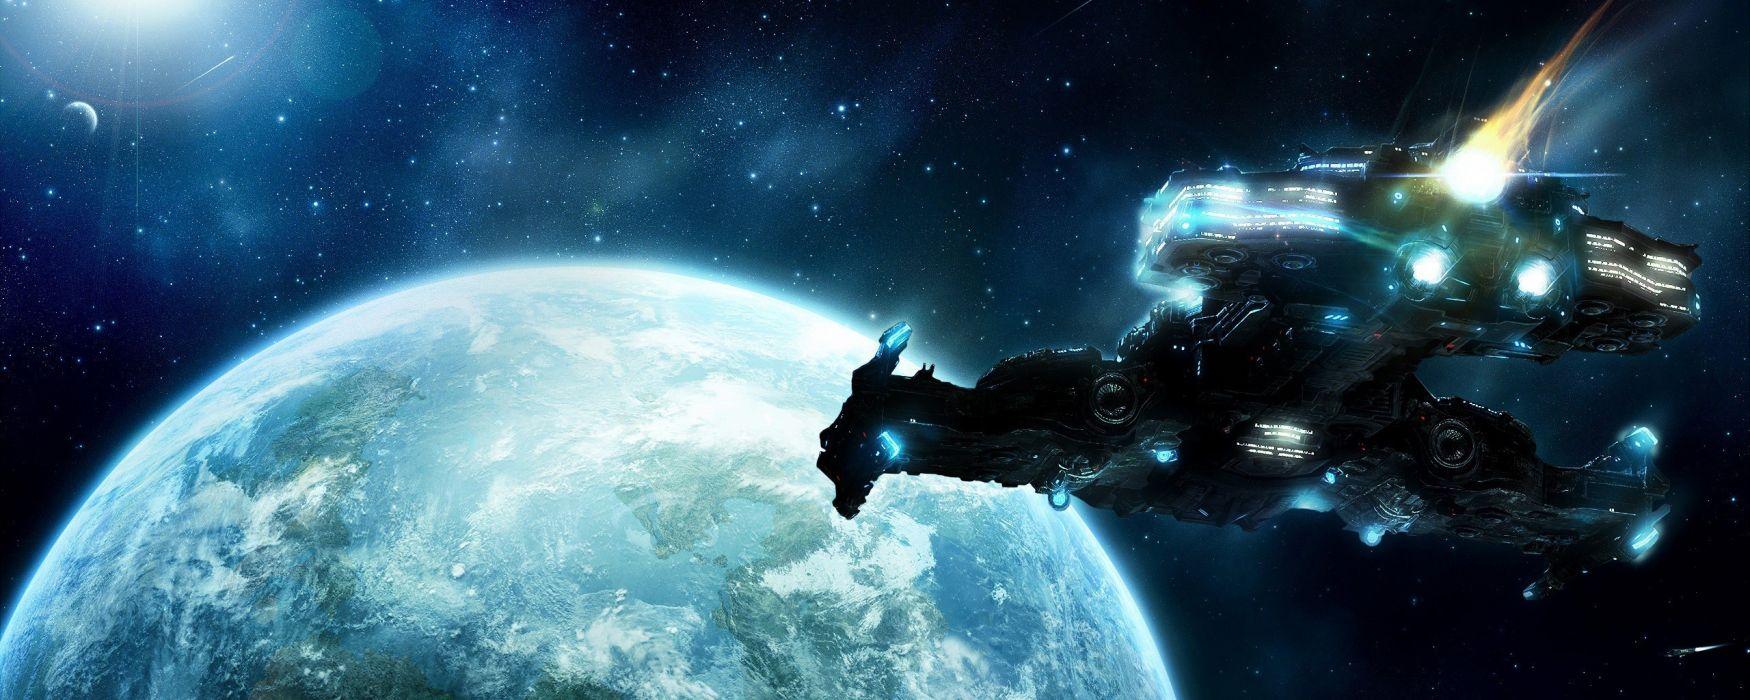 StarCraft Planet Spaceship Stars video games sci-fi space spacecraft flight wallpaper